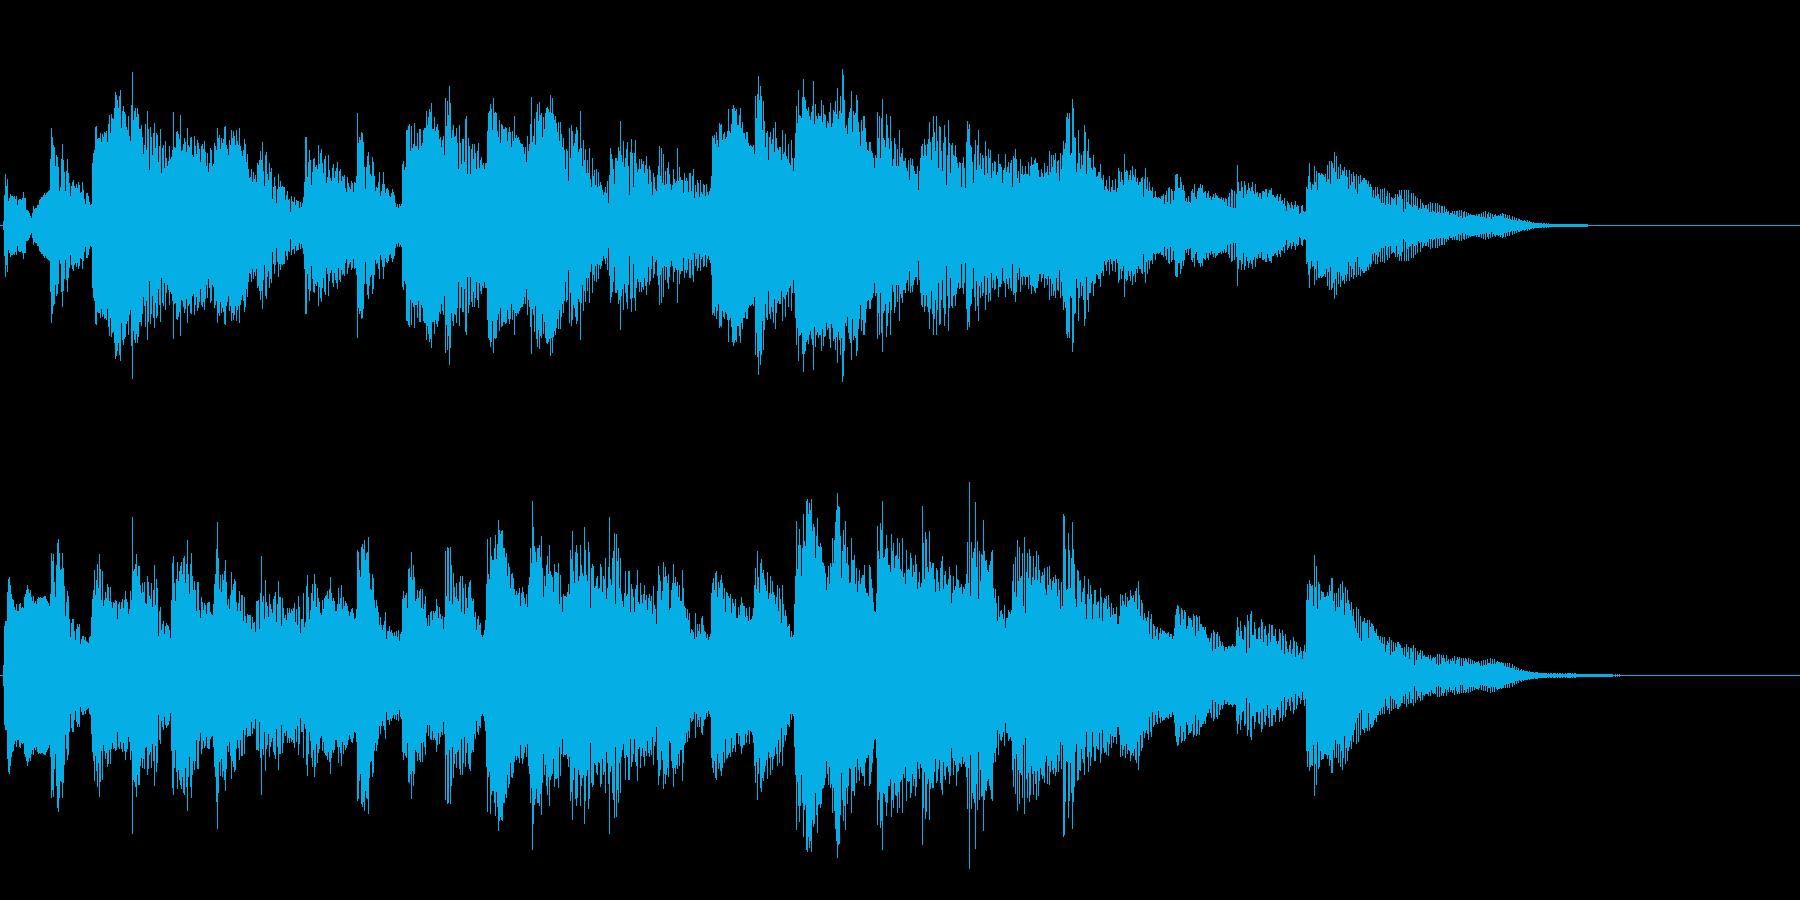 エチュードのような優しいピアノソロ12秒の再生済みの波形